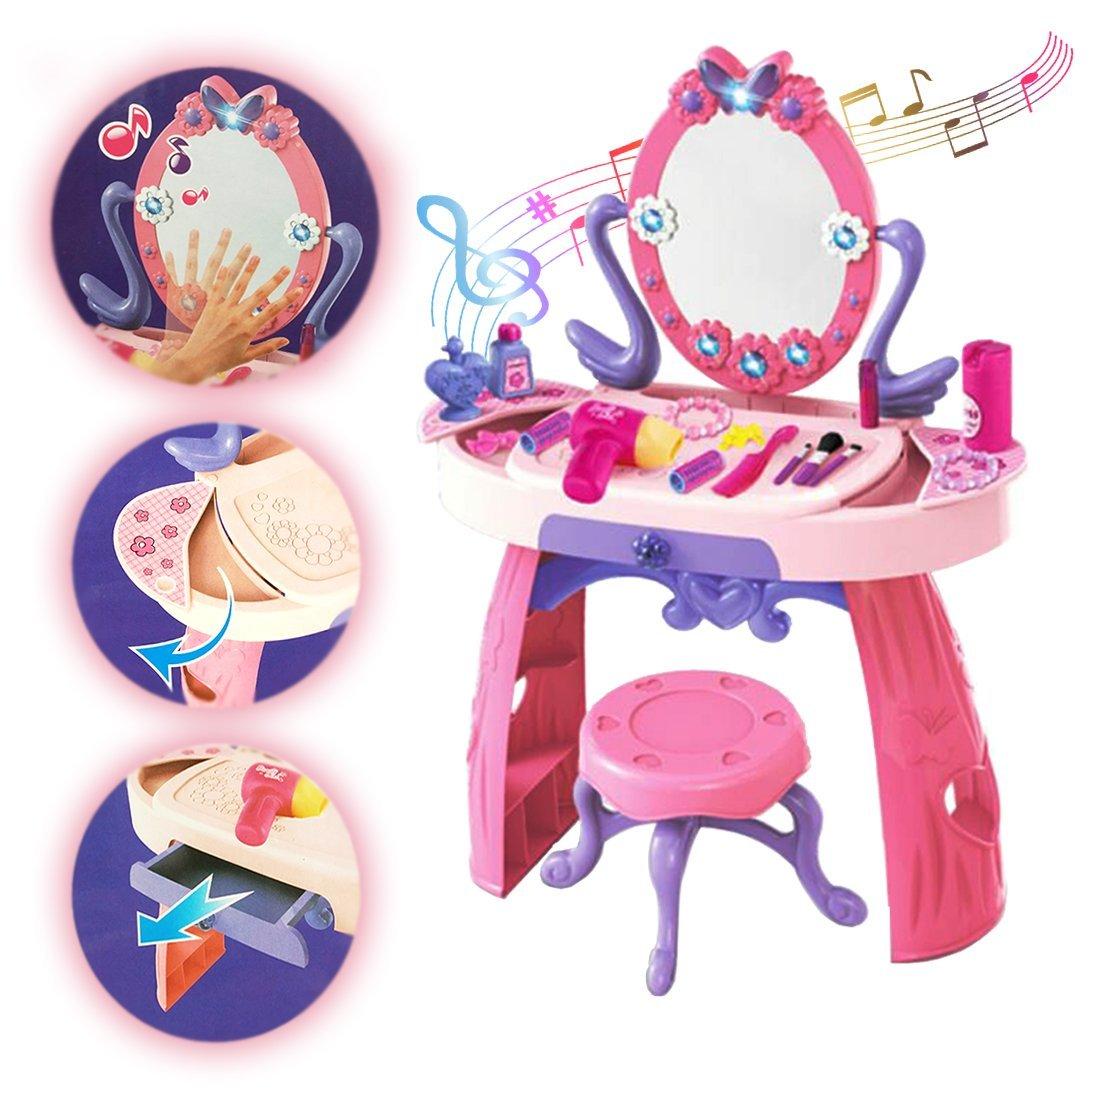 deAO Mesita Tocador Princesa Glamurosa con Espejo, Taburete y Accesorios Incluidos - Efectos de Luz y Sonido NDPRW